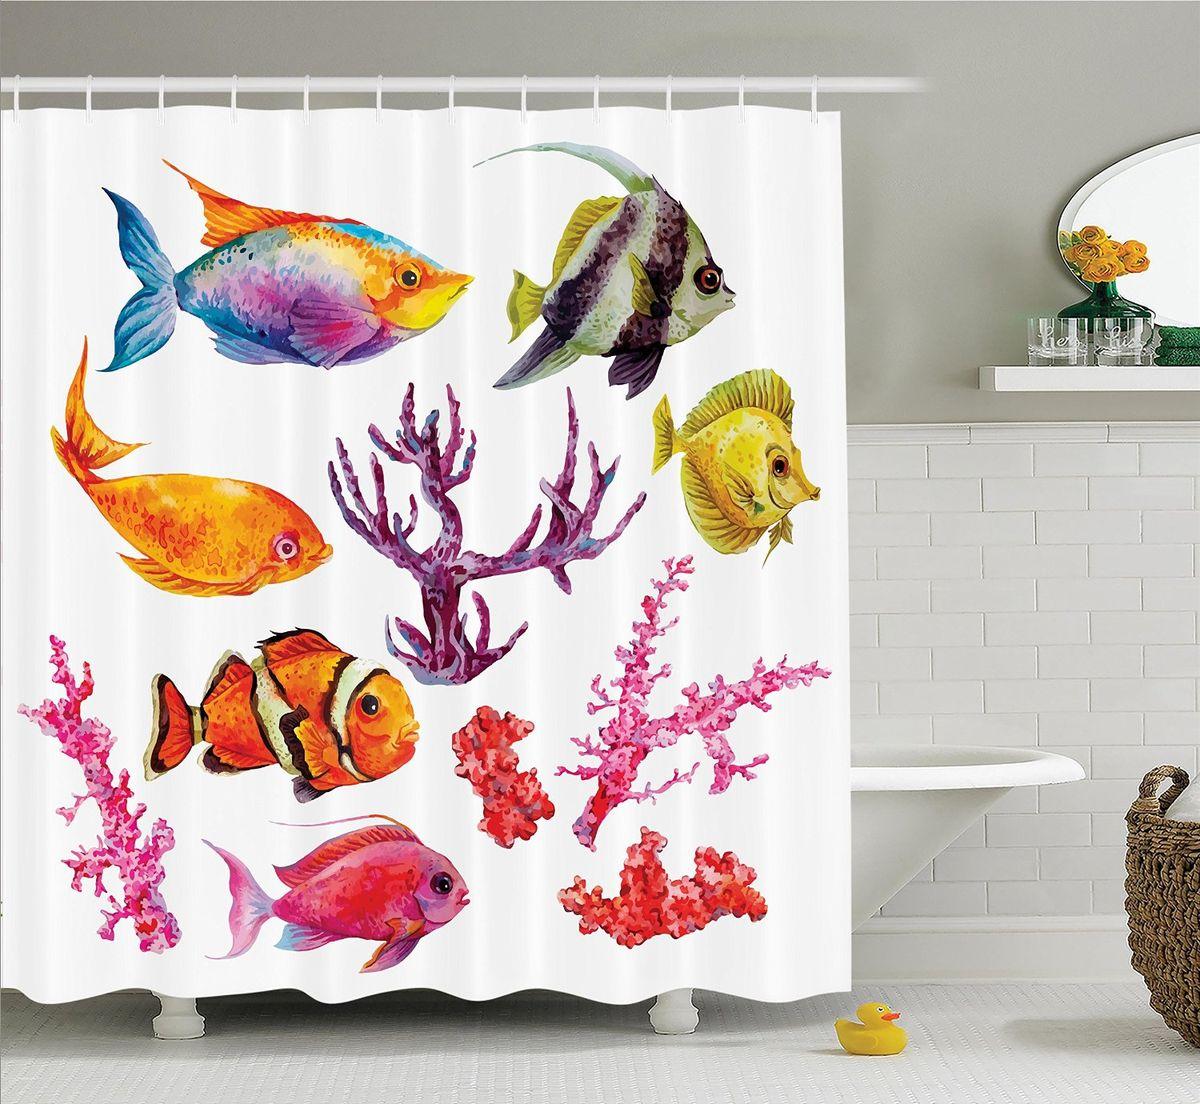 Штора для ванной комнаты Magic Lady Рыбы и кораллы, 180 х 200 смCLP446Штора Magic Lady Рыбы и кораллы, изготовленная из высококачественного сатена (полиэстер 100%), отлично дополнит любой интерьер ванной комнаты. При изготовлении используются специальные гипоаллергенные чернила для прямой печати по ткани, безопасные для человека.В комплекте: 1 штора, 12 крючков. Обращаем ваше внимание, фактический цвет изделия может незначительно отличаться от представленного на фото.